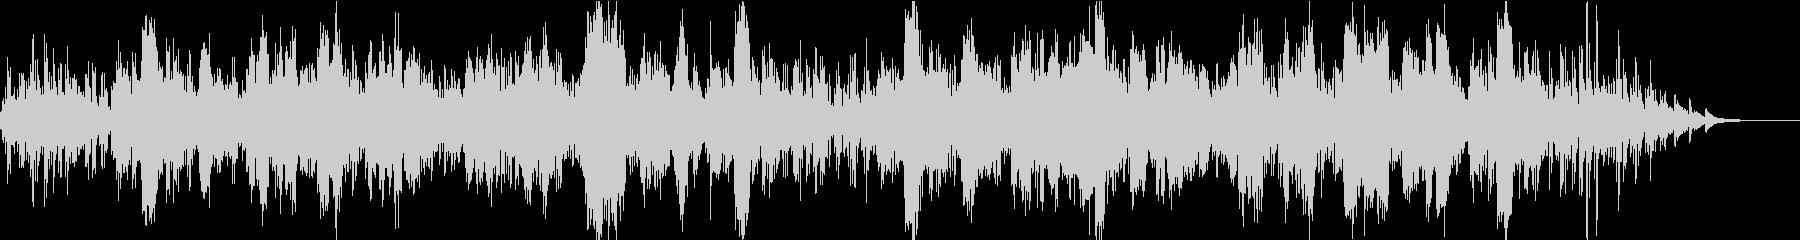 シューベルトのアベマリア_オペラ風の未再生の波形